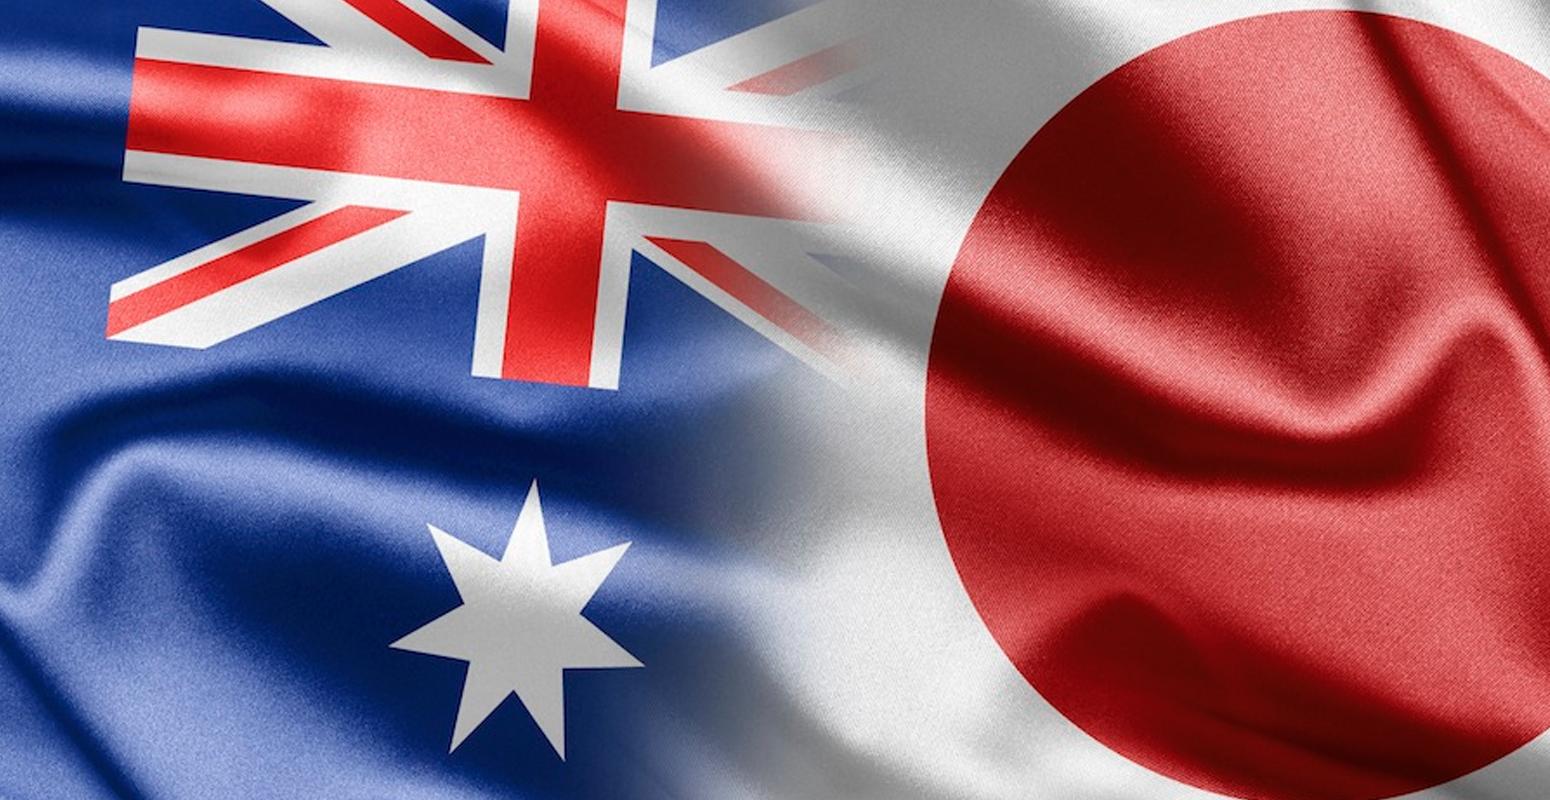 日本 オーストラリア 戦争